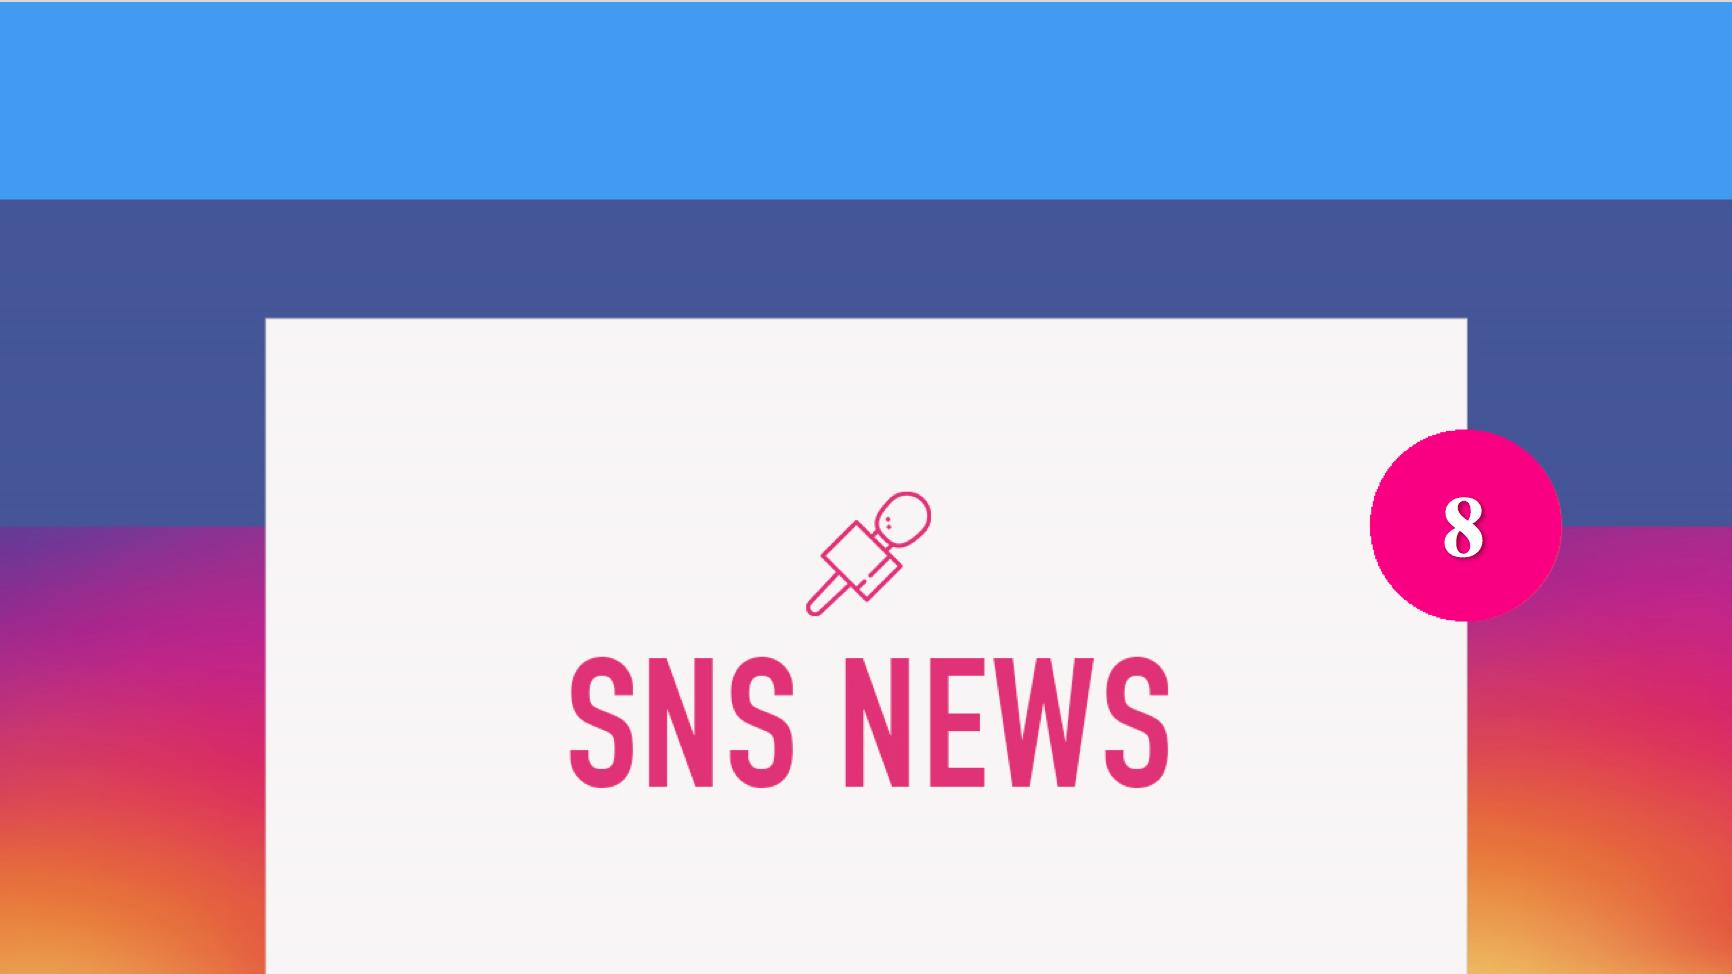 8月の主要SNSニュースまとめ!Twitterの「フォロー」の概念が変わる可能性がある?